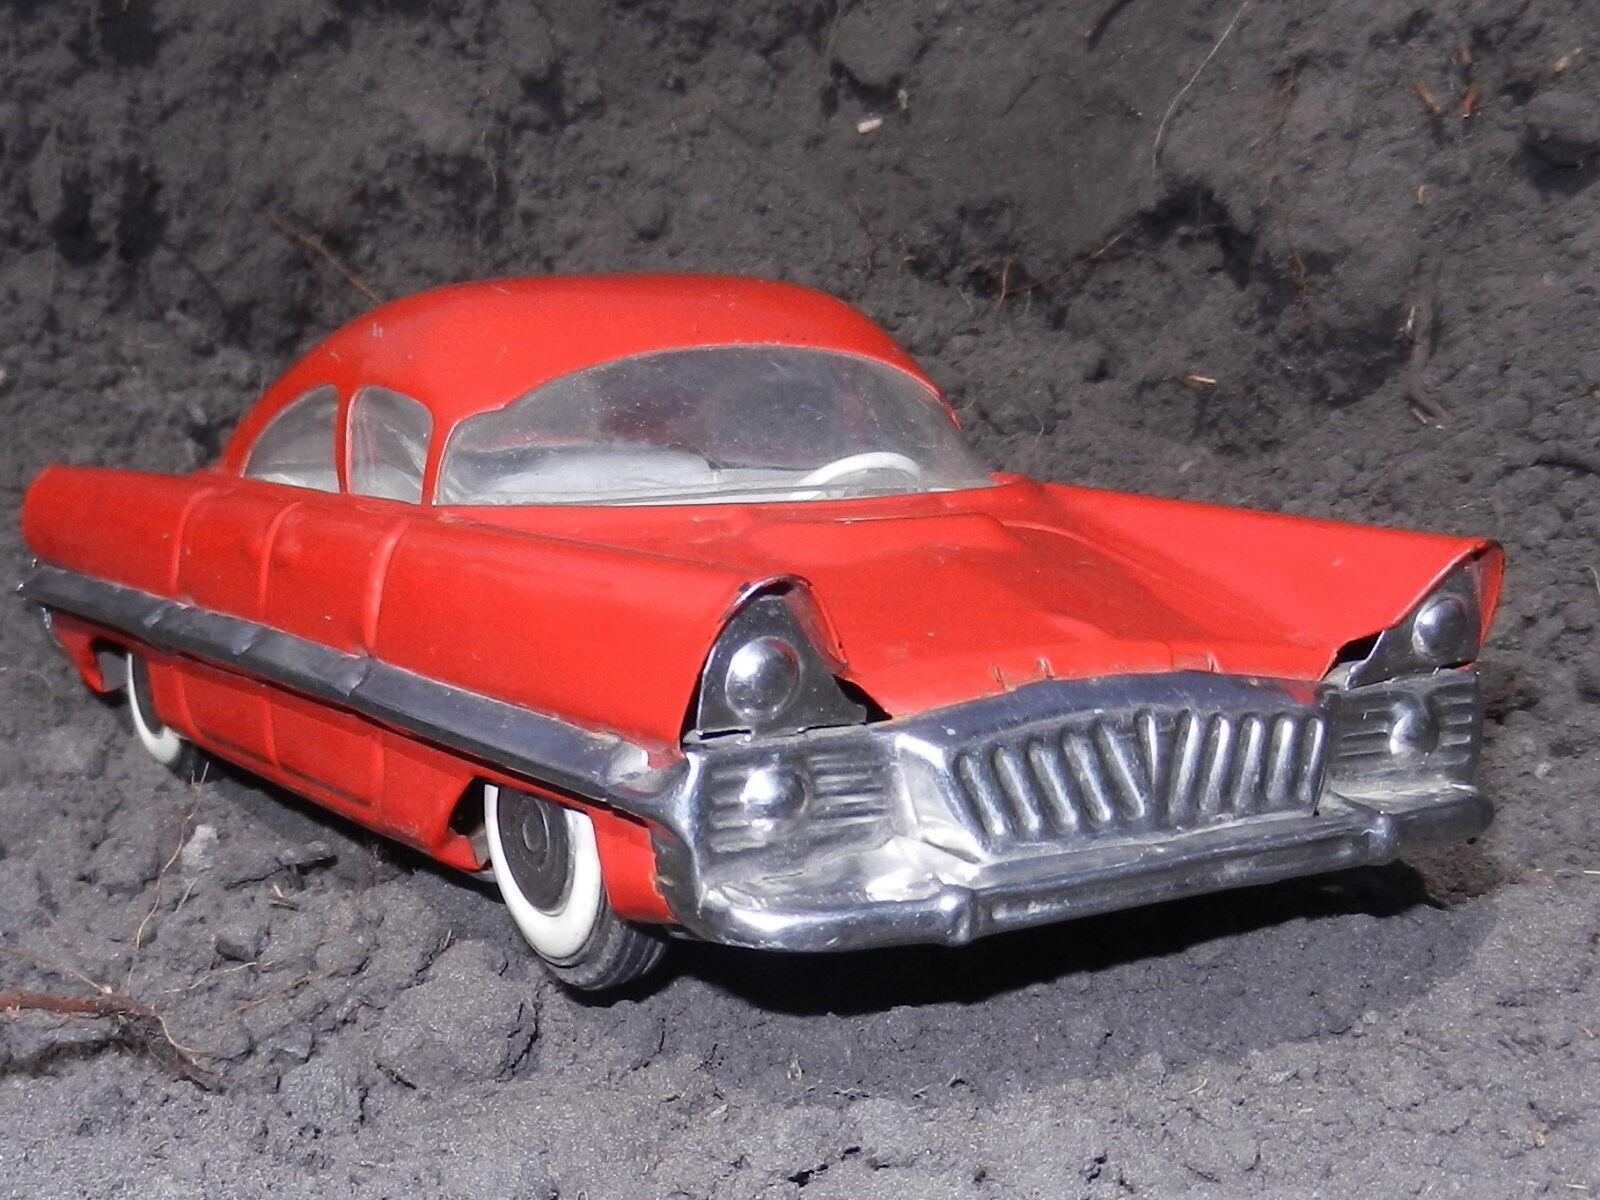 Juguete Antiguo Soviético Urss Rusos De Colección Metal Grande Coche Raro Cadillac Eldorado 1960s